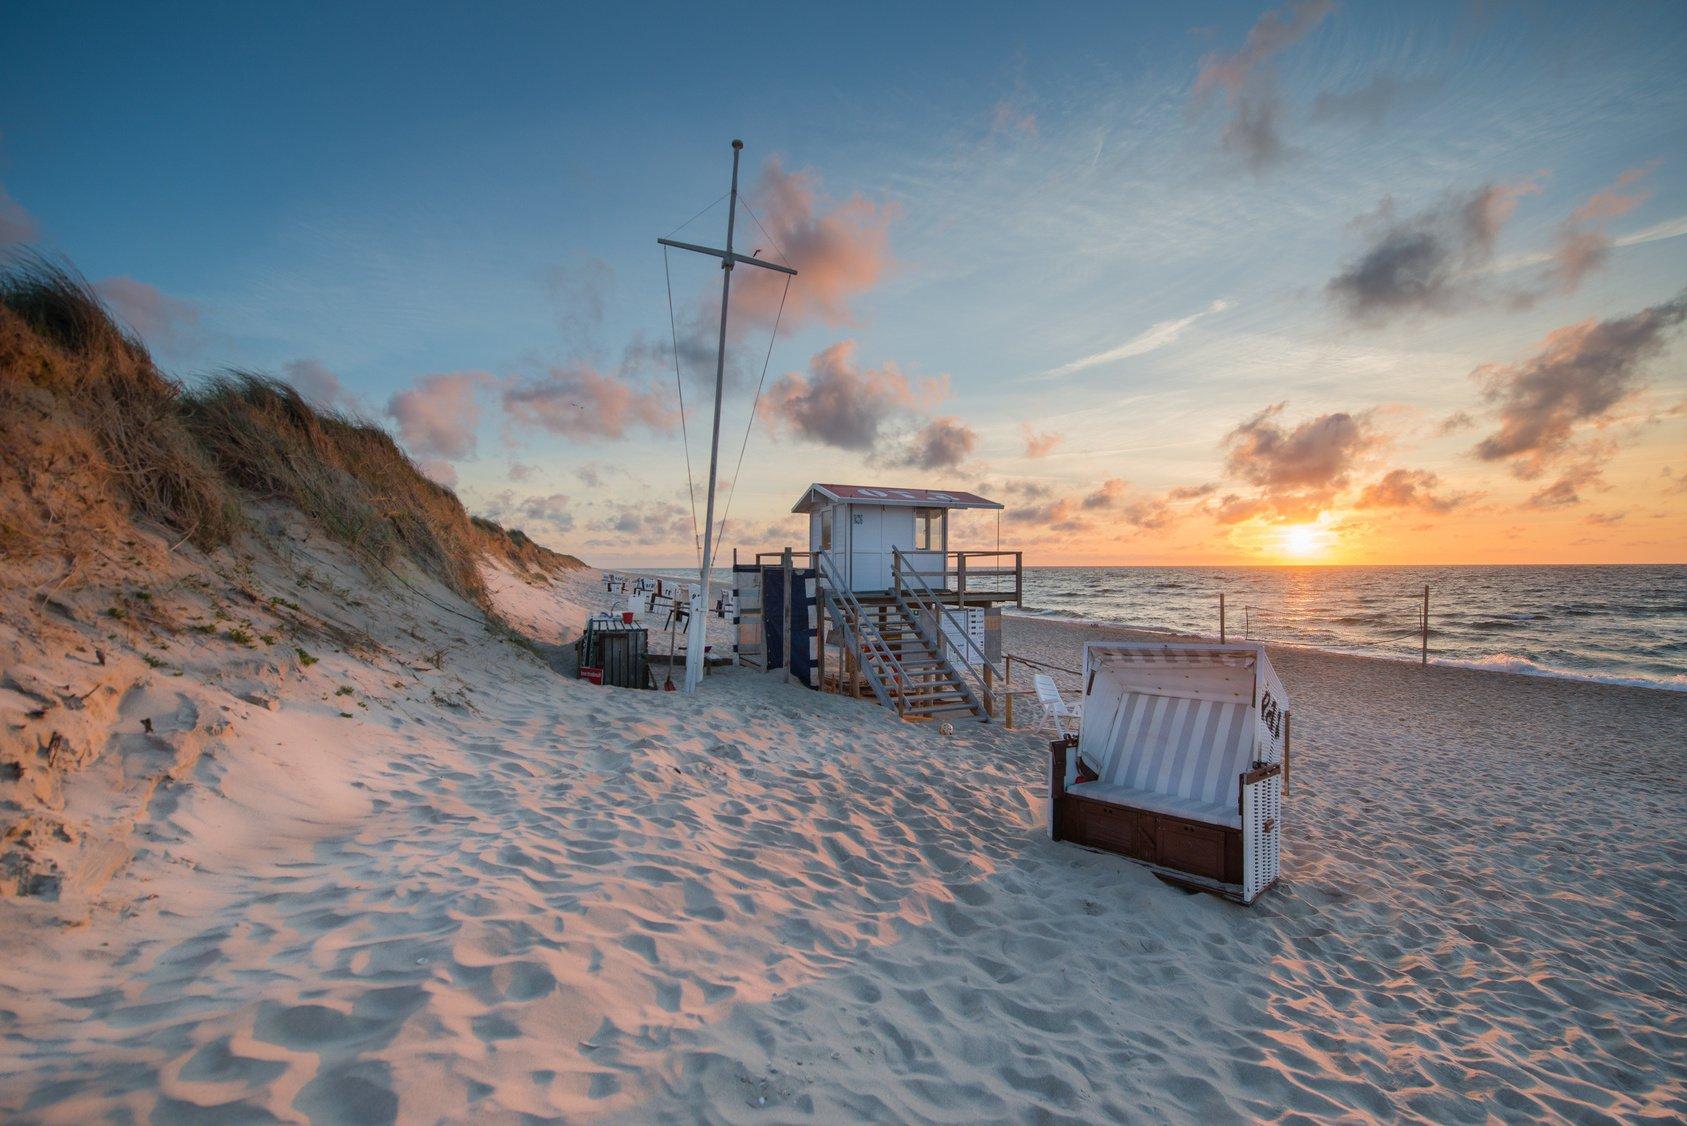 Wohnen Am Meer 12 Tipps Zur Immobiliensuche Auf Sylt Erfullen Den